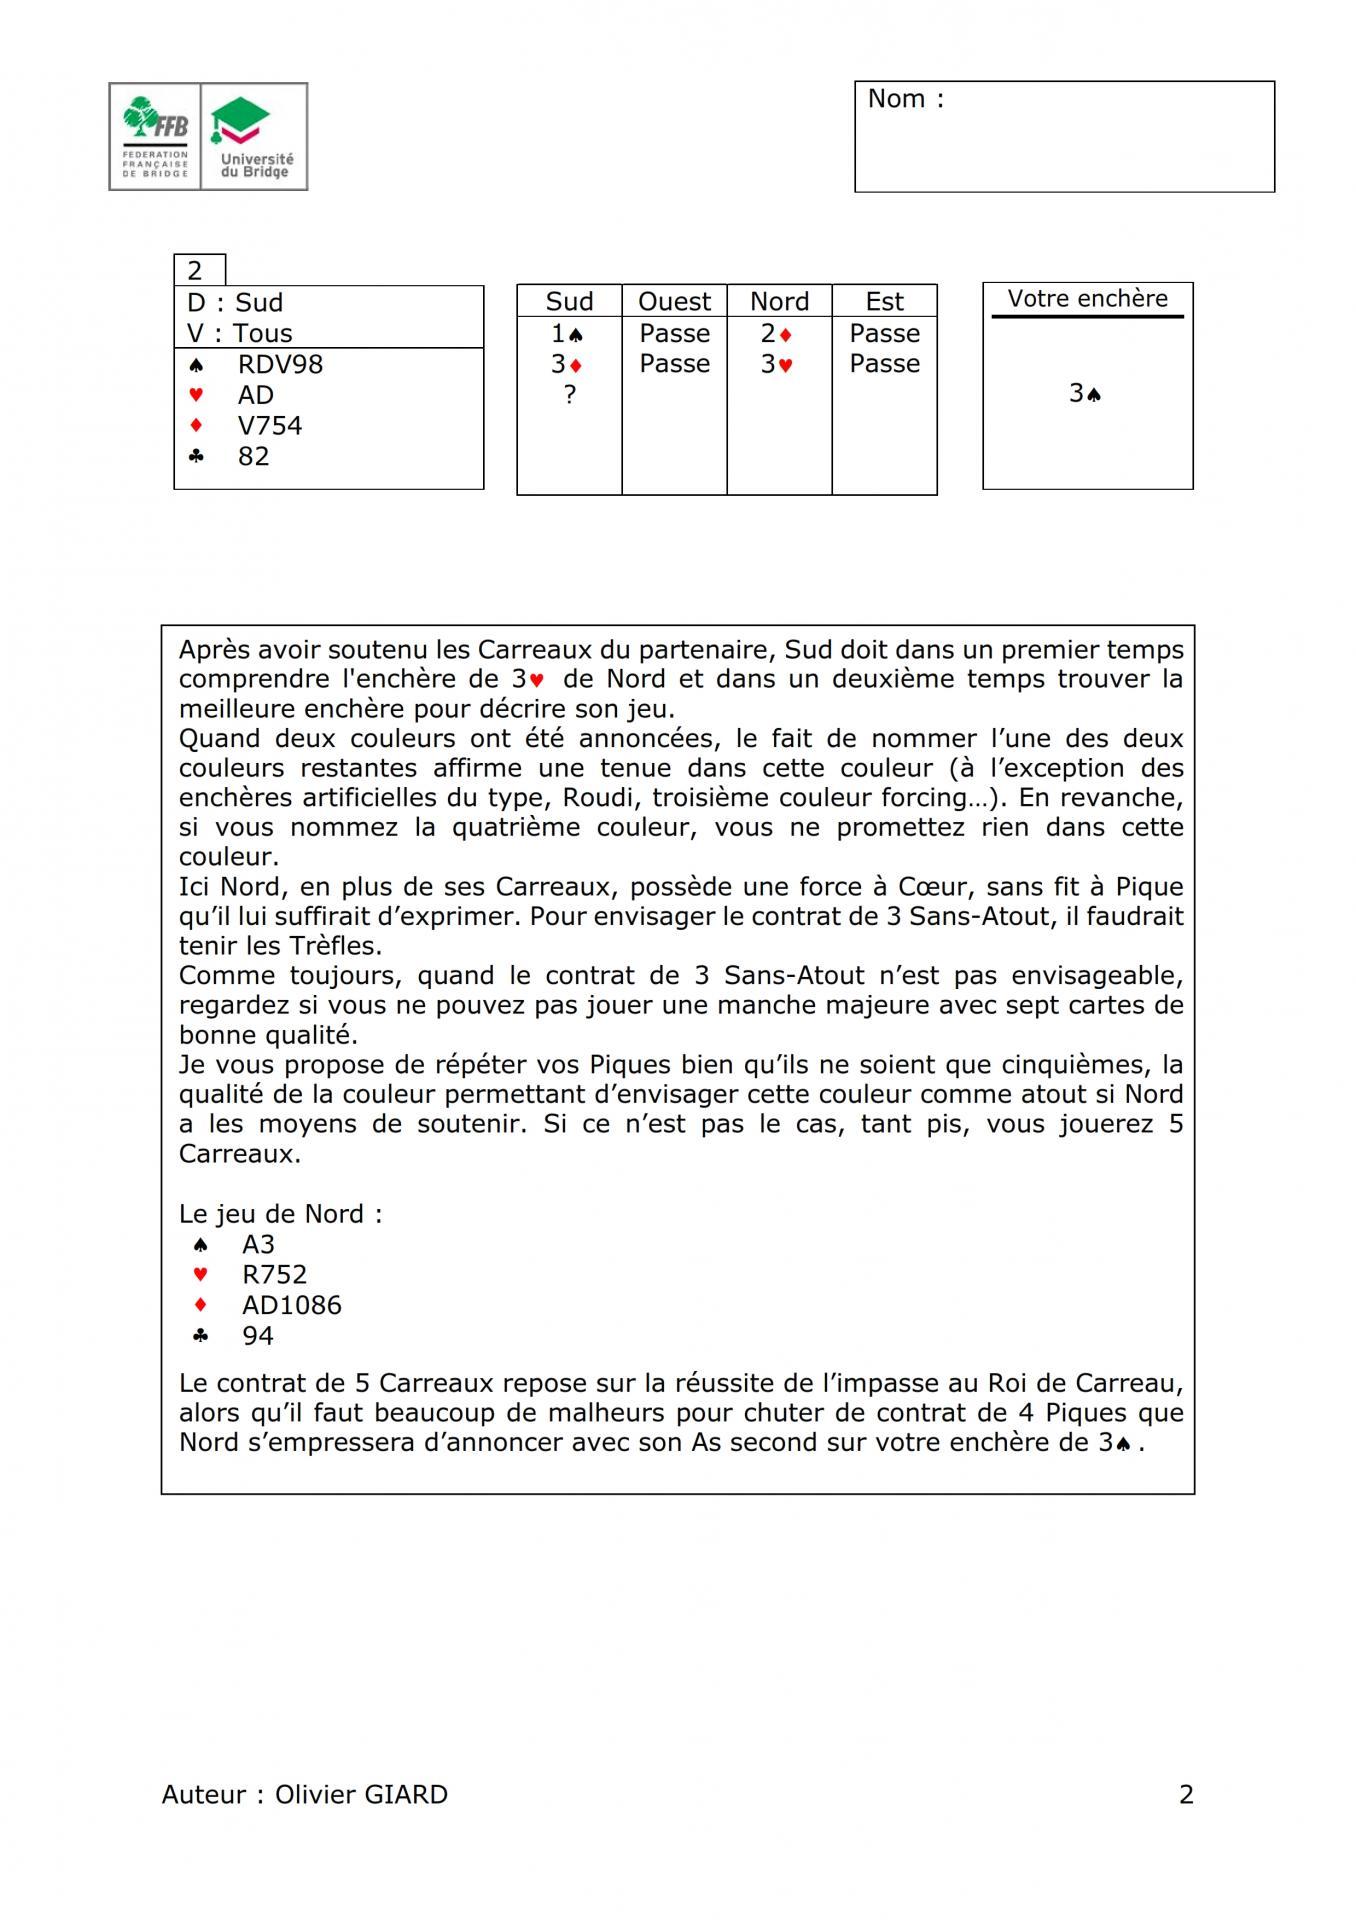 Formation continue des moniteurs solutions janvier 2021 002